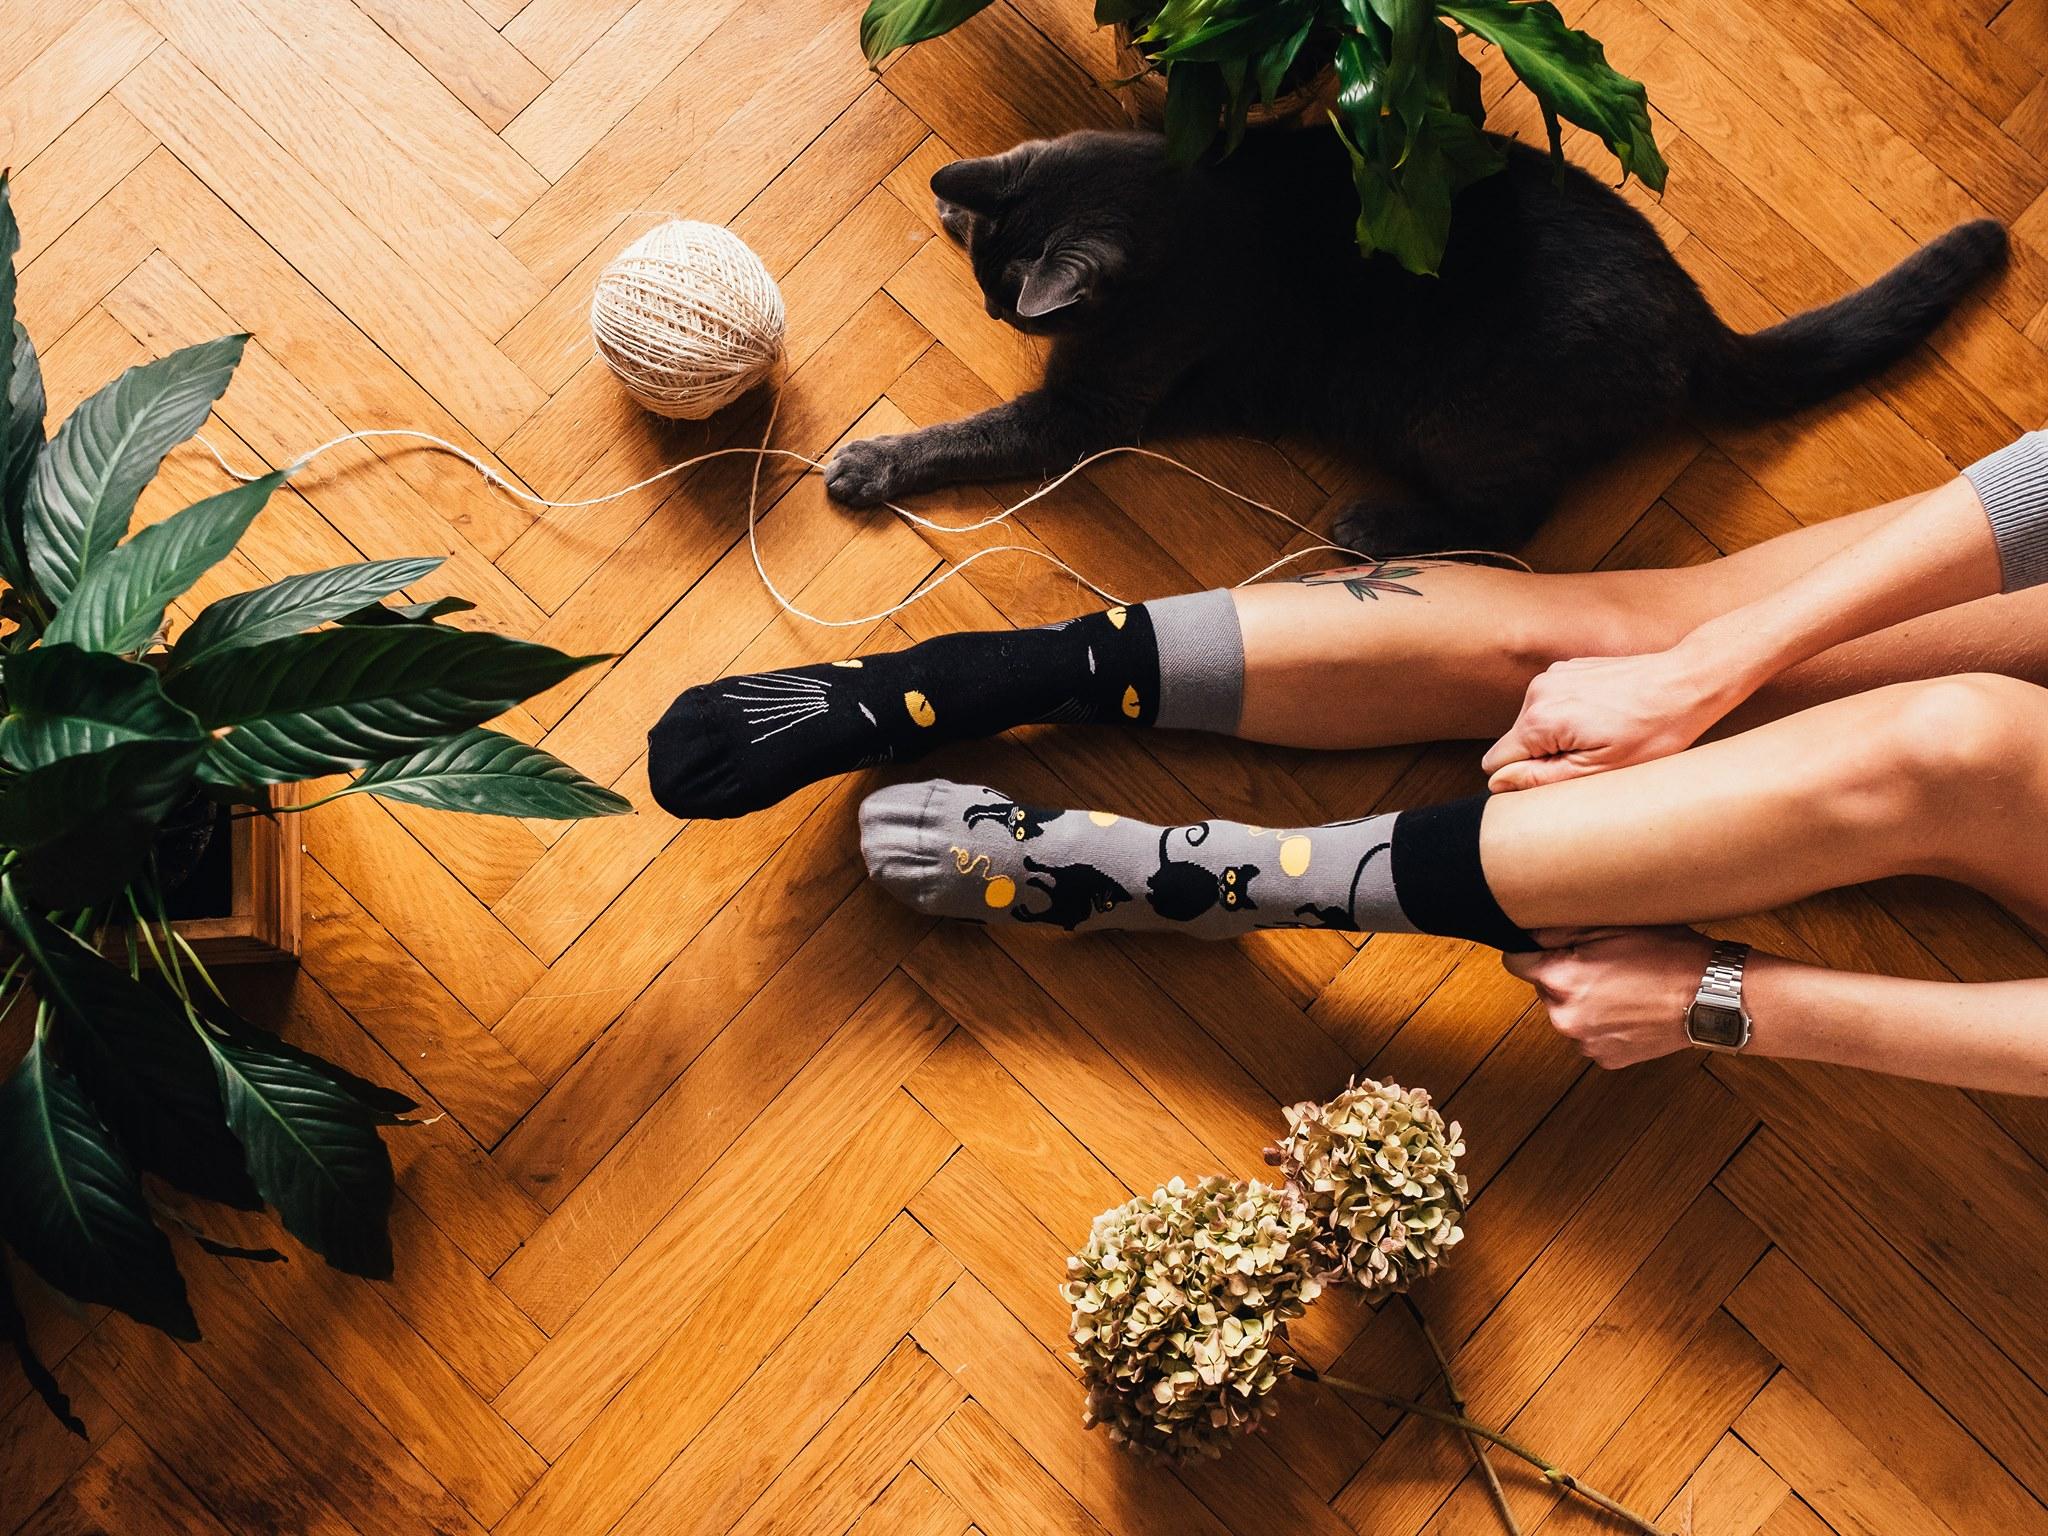 Prečo ponožky? - Rozdielne ponožky sa stali symbolom Svetového dňa Downovho syndrómu preto, lebo chromozóm má tvar ponožky. Dátum 21. 3. je taktiež symbolický, pretože ľudia s Downovým syndrómom majú o jeden 21. chromozóm naviac. Namiesto dvoch ich majú až tri. Genetická porucha sa odborne nazýva trizómia 21. chromozómu. PS: Majú niečo navyše, ale nevyvyšujú sa :-)